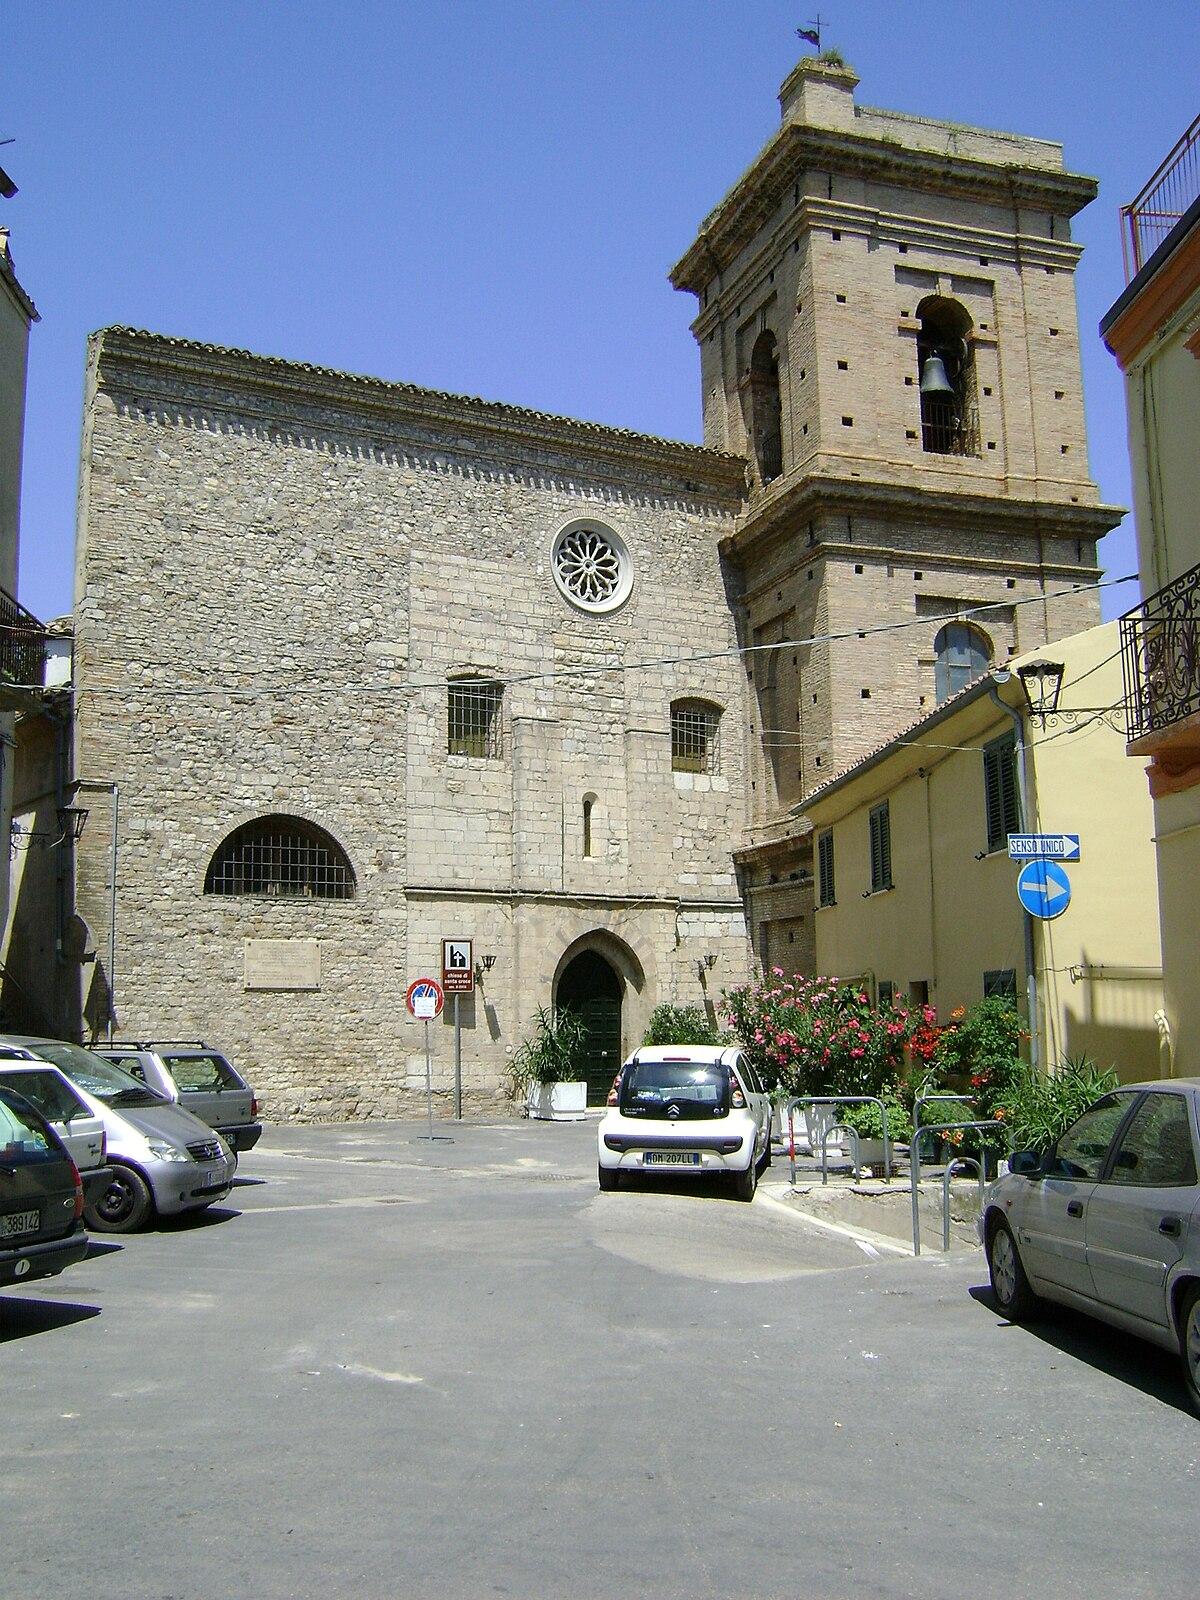 Chiesa di santa croce atessa wikipedia - Elementi architettonici di una chiesa ...